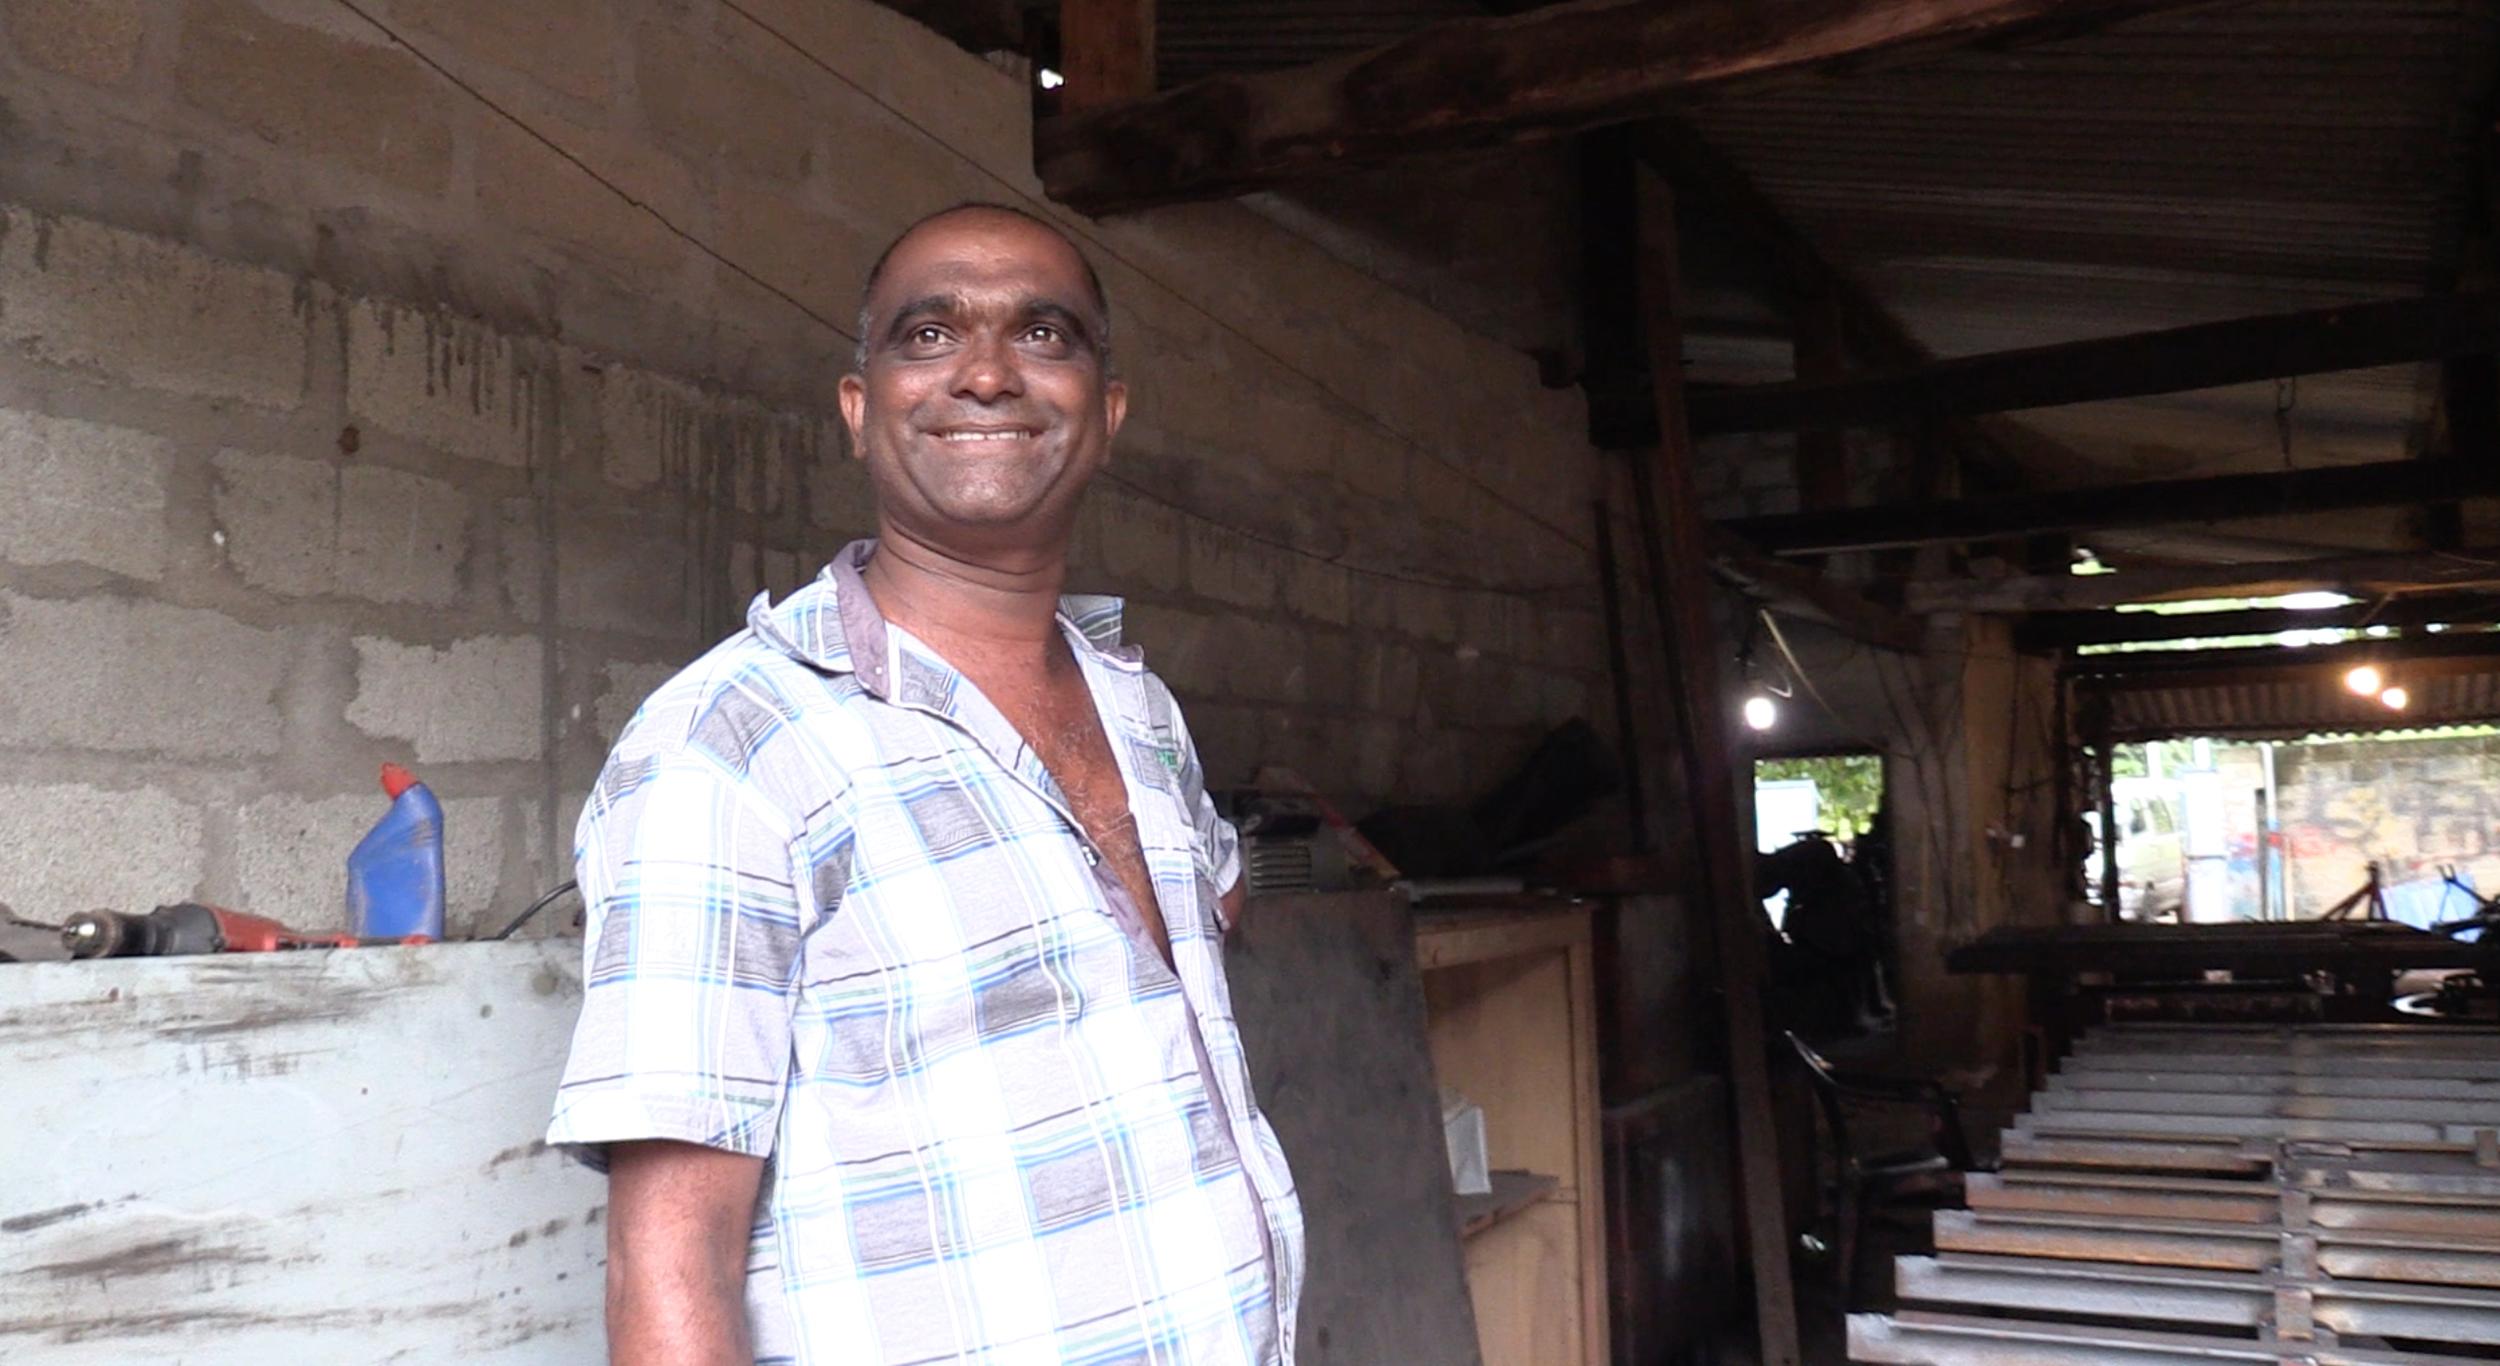 Mr. Anura Dissanayake